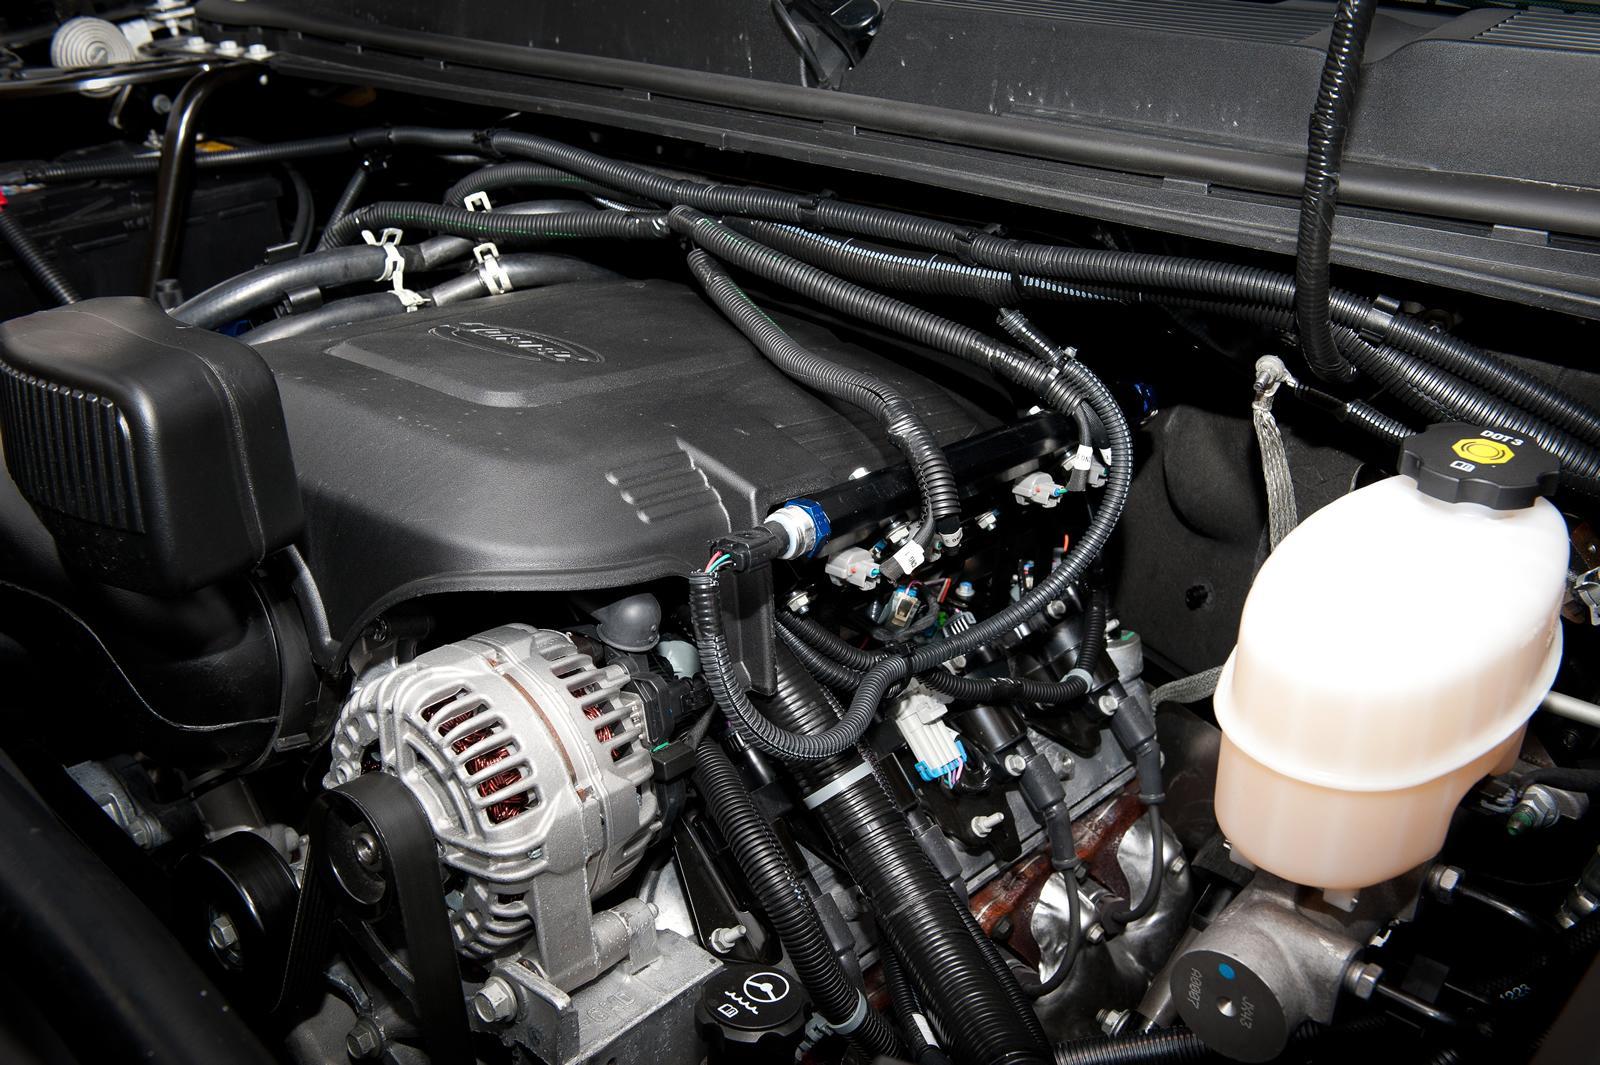 http://2.bp.blogspot.com/-t0iu3-WaU38/T1492NN8EwI/AAAAAAAAl8k/h3hmrnOylqs/s1600/chevrolet-silverado-bi-fuel-2013-11.jpg